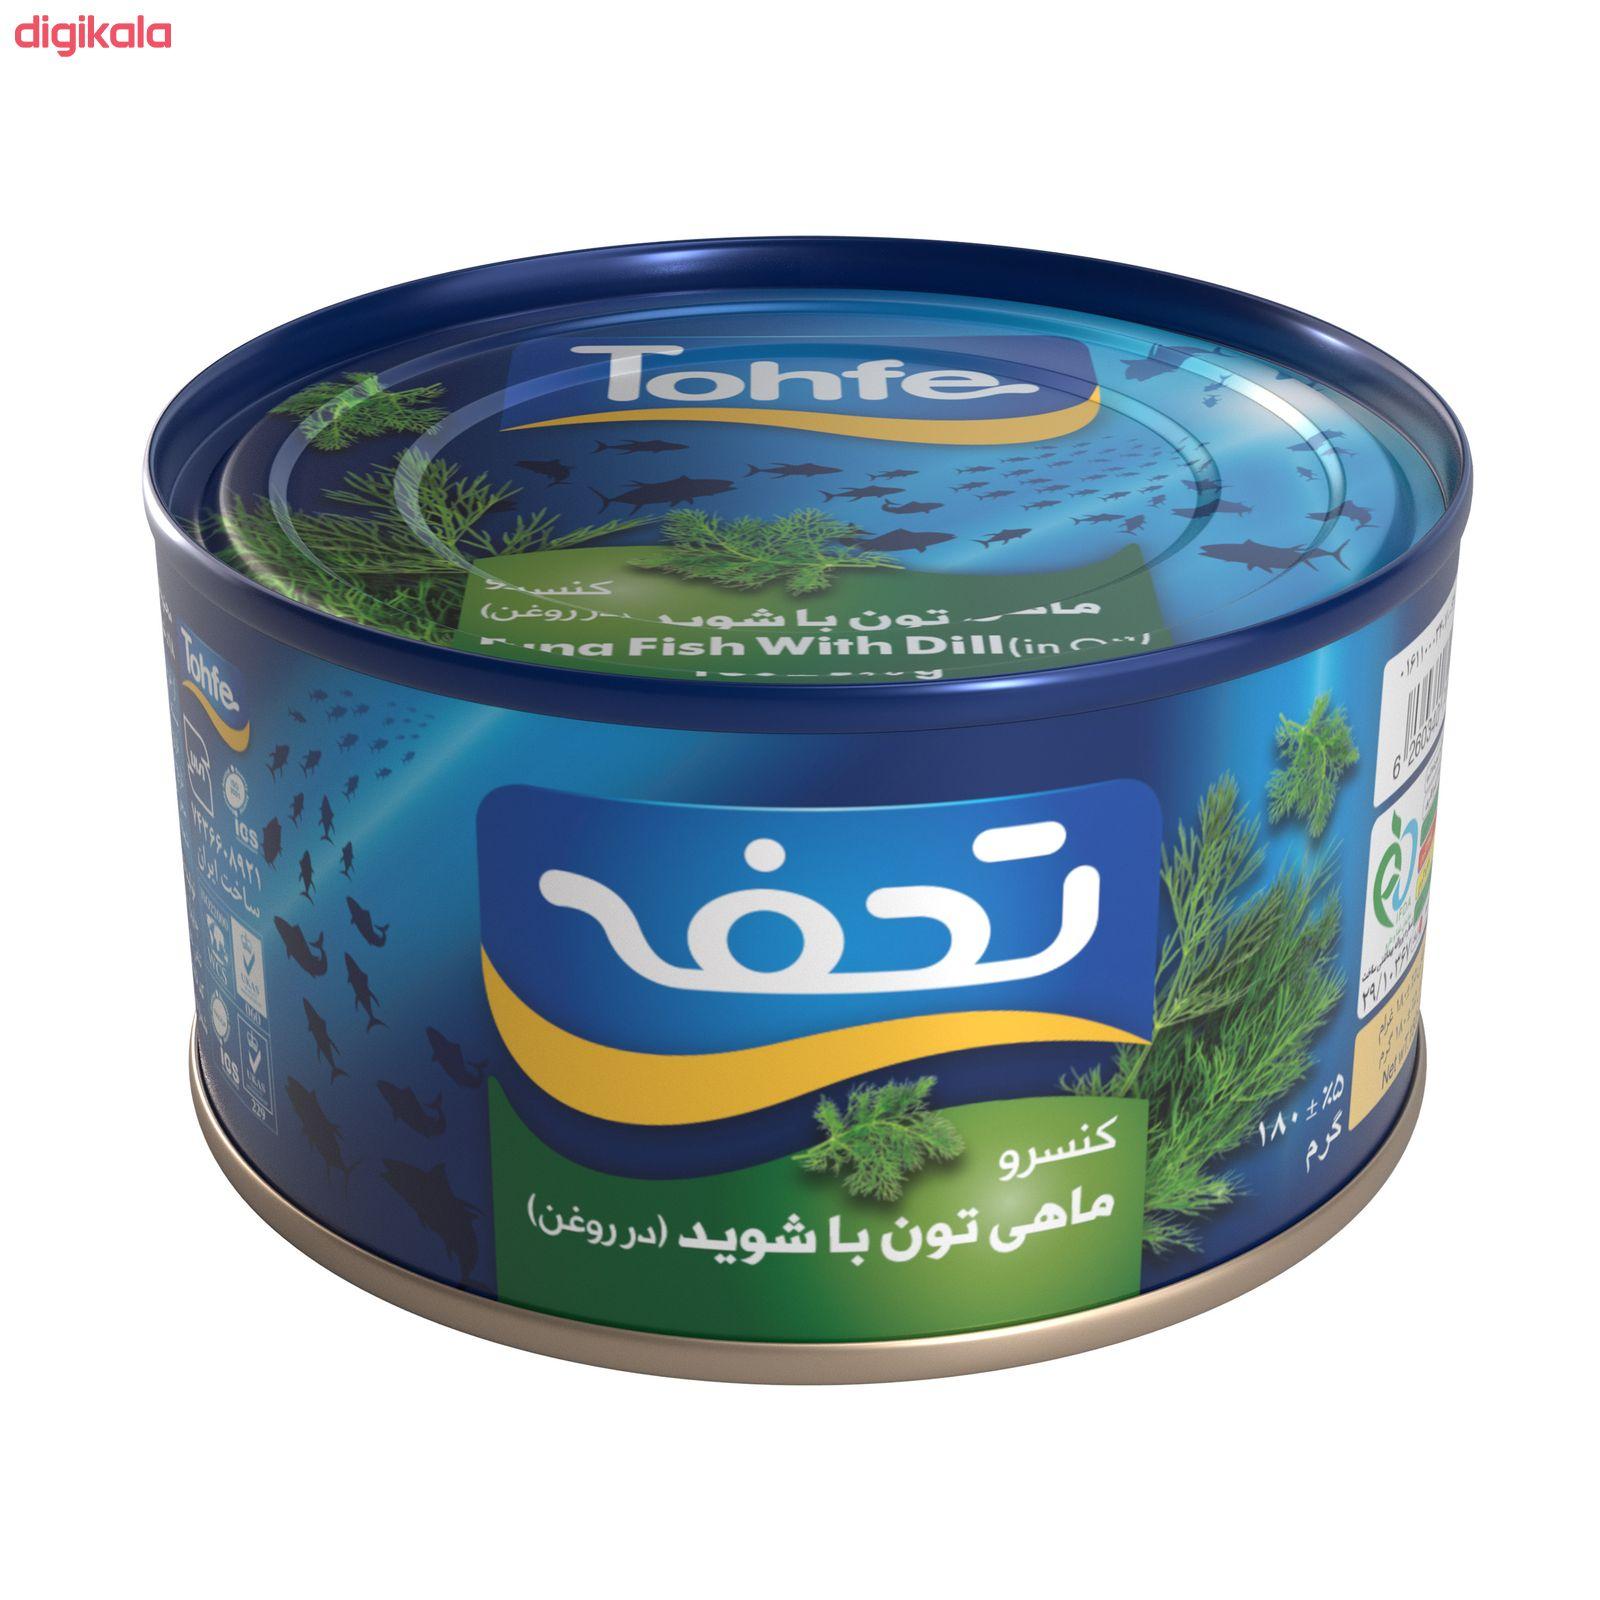 کنسرو ماهی تون با شوید تحفه - 180 گرم main 1 3